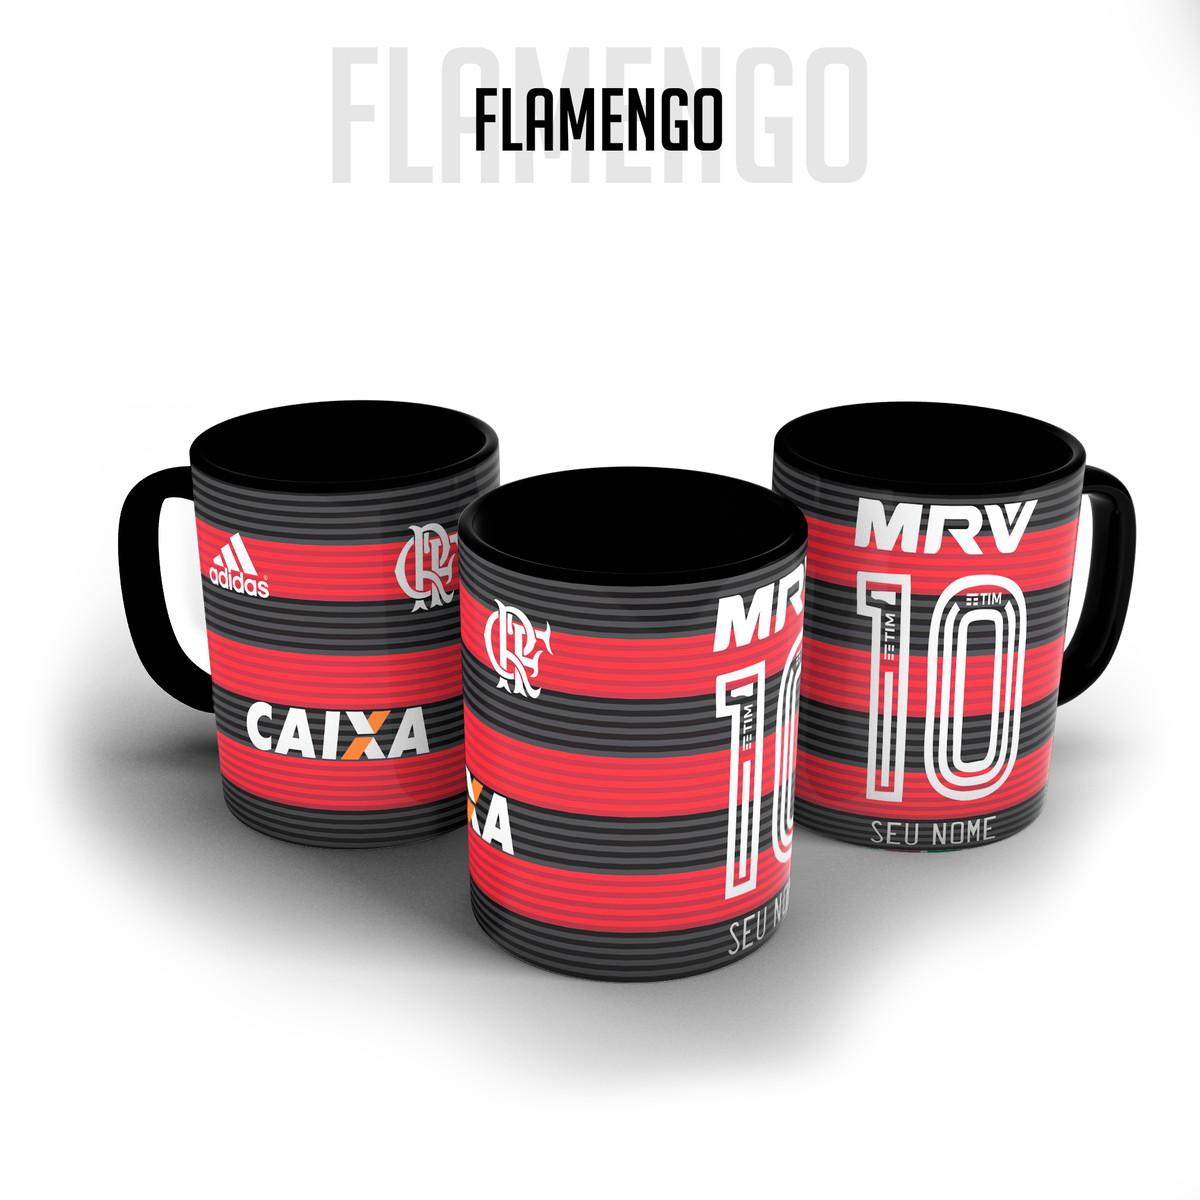 3de3546f93 Caneca porcelana - Camisa Flamengo personalizada com nome no Elo7 ...